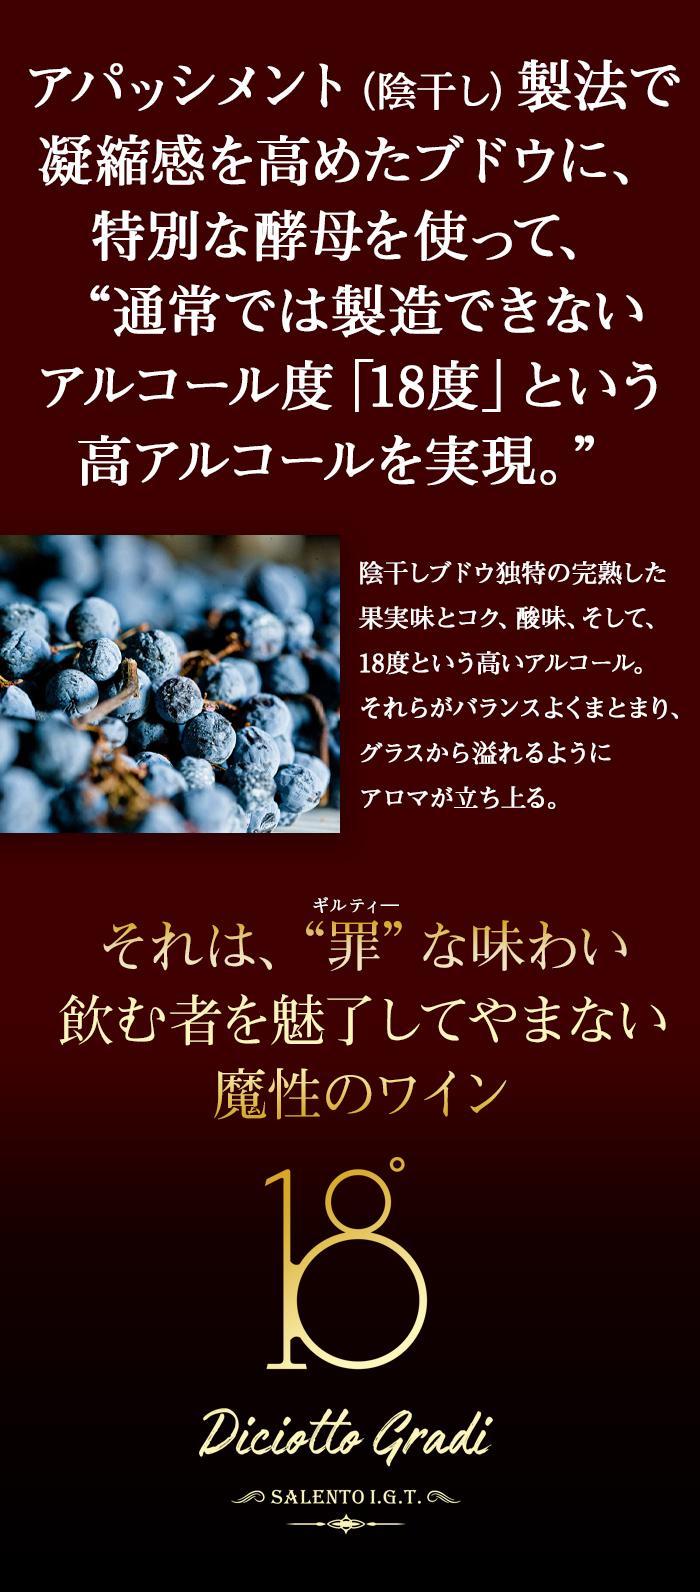 アパッシメント(陰干し)製法で凝縮感を高めたブドウに、特別な酵母を使って、通常では製造できないアルコール度「18度」という高アルコールを実現。